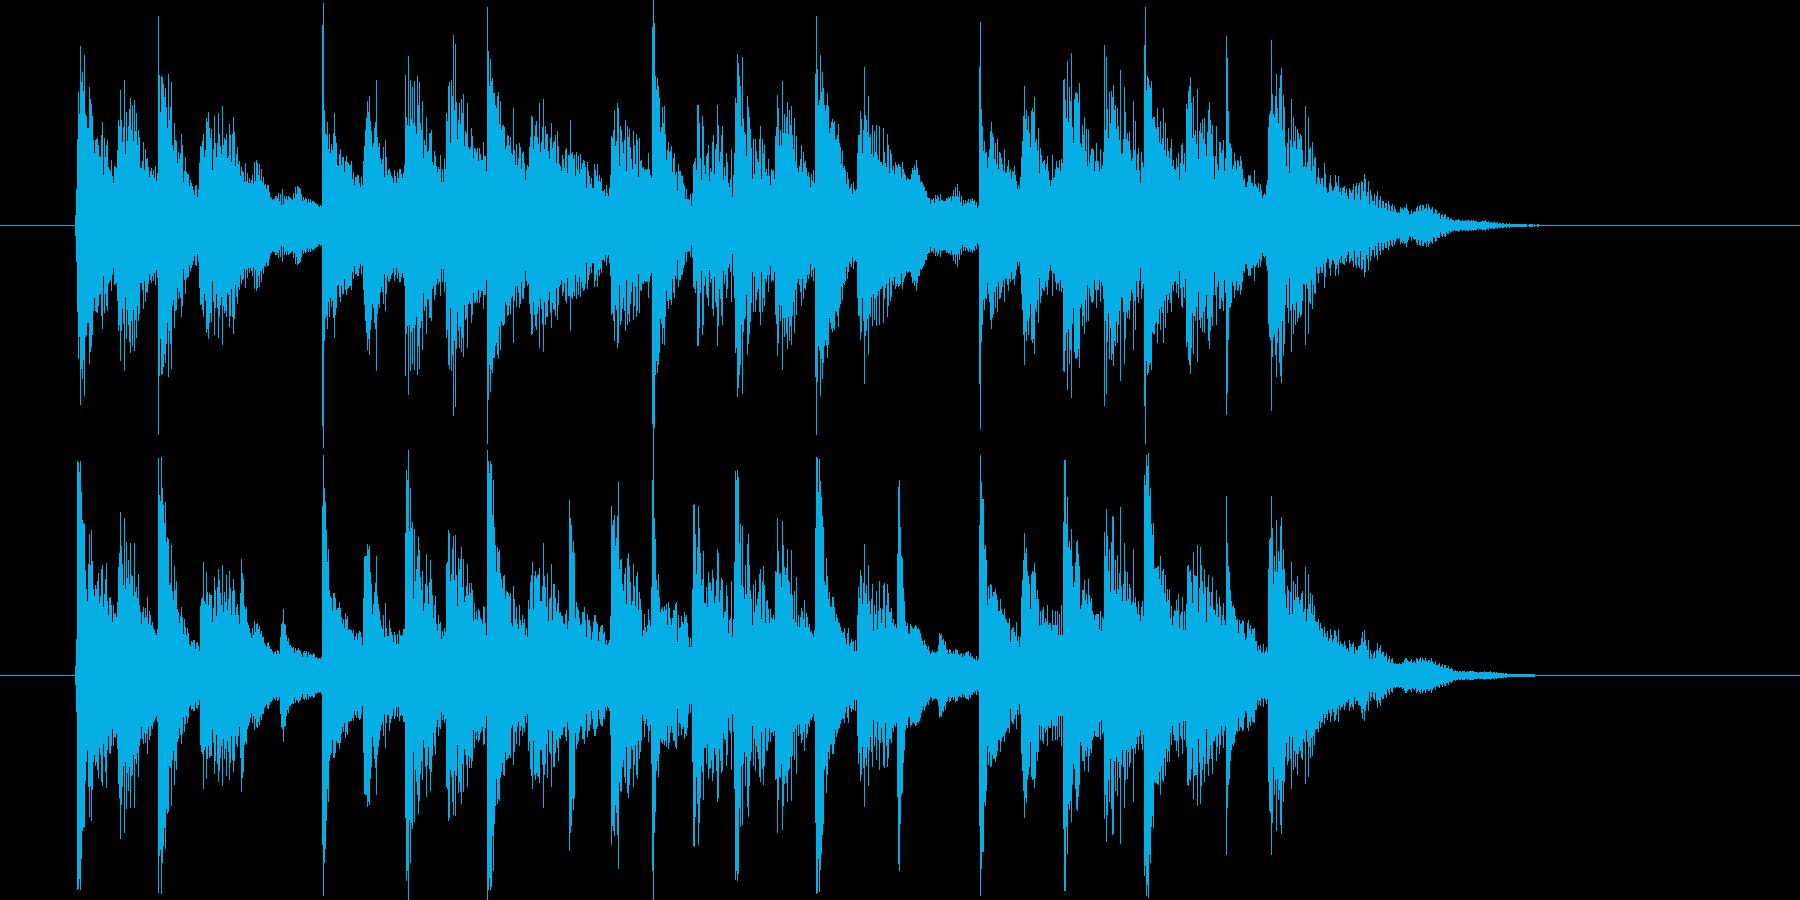 クールでゆったりなバンド演奏のジングル曲の再生済みの波形